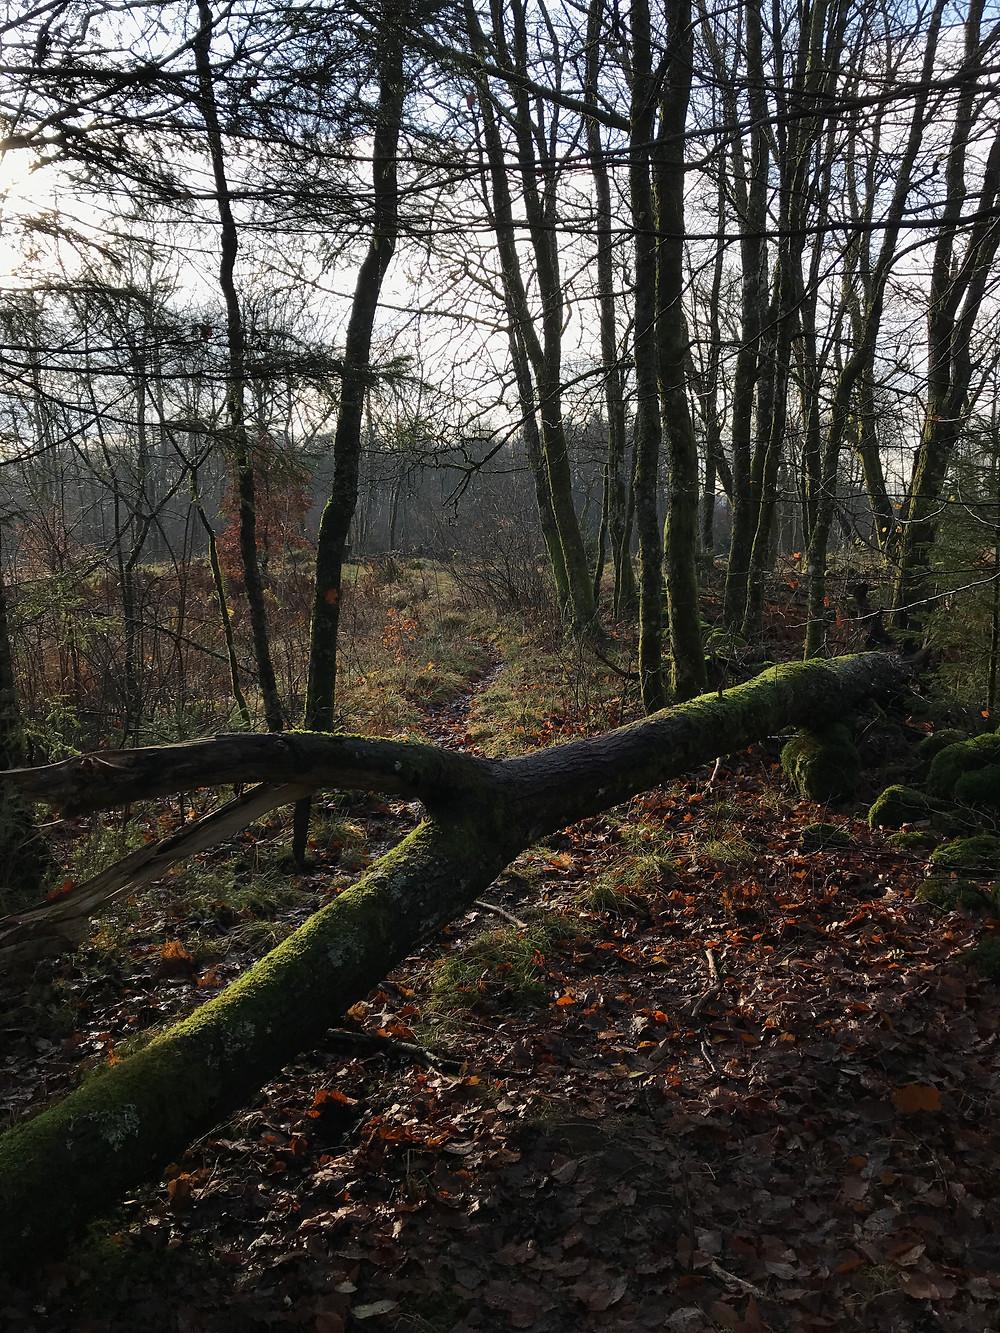 Ekered Nature Reserve on Skåneleden